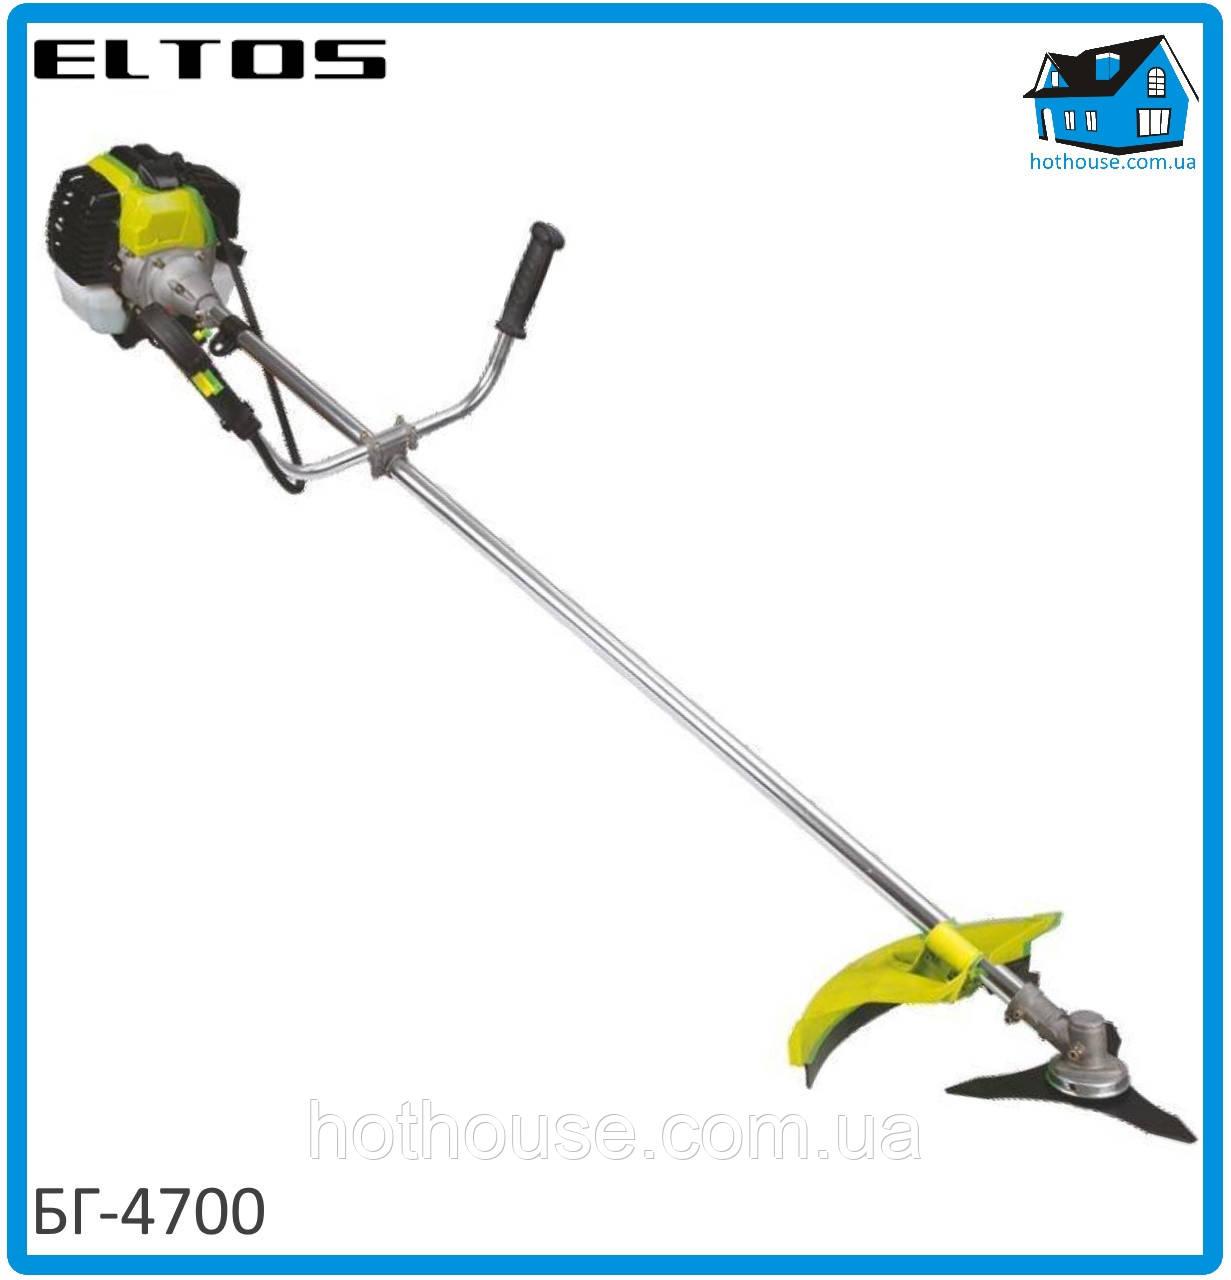 Бензокоса Eltos БГ-4700 (1 нож + 1 шпуля с леской)